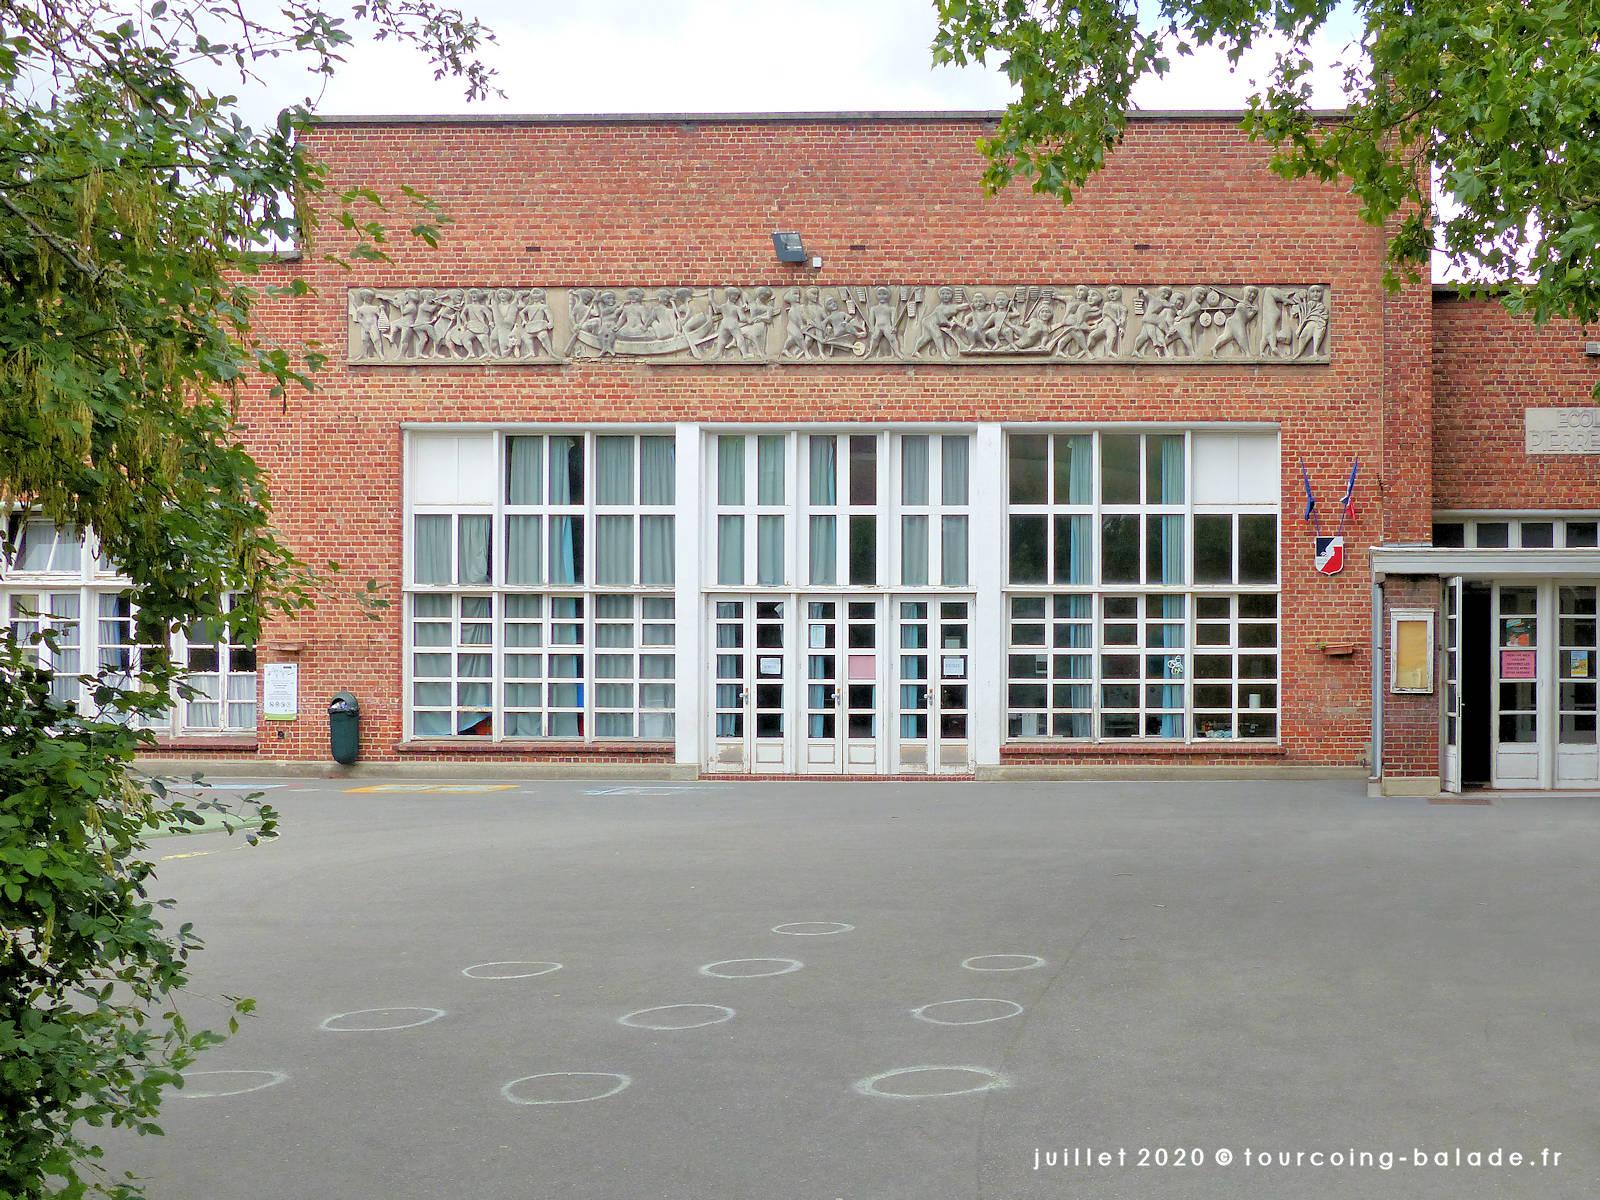 Cour de l'école Pierre Brossolette, Tourcoing 2020